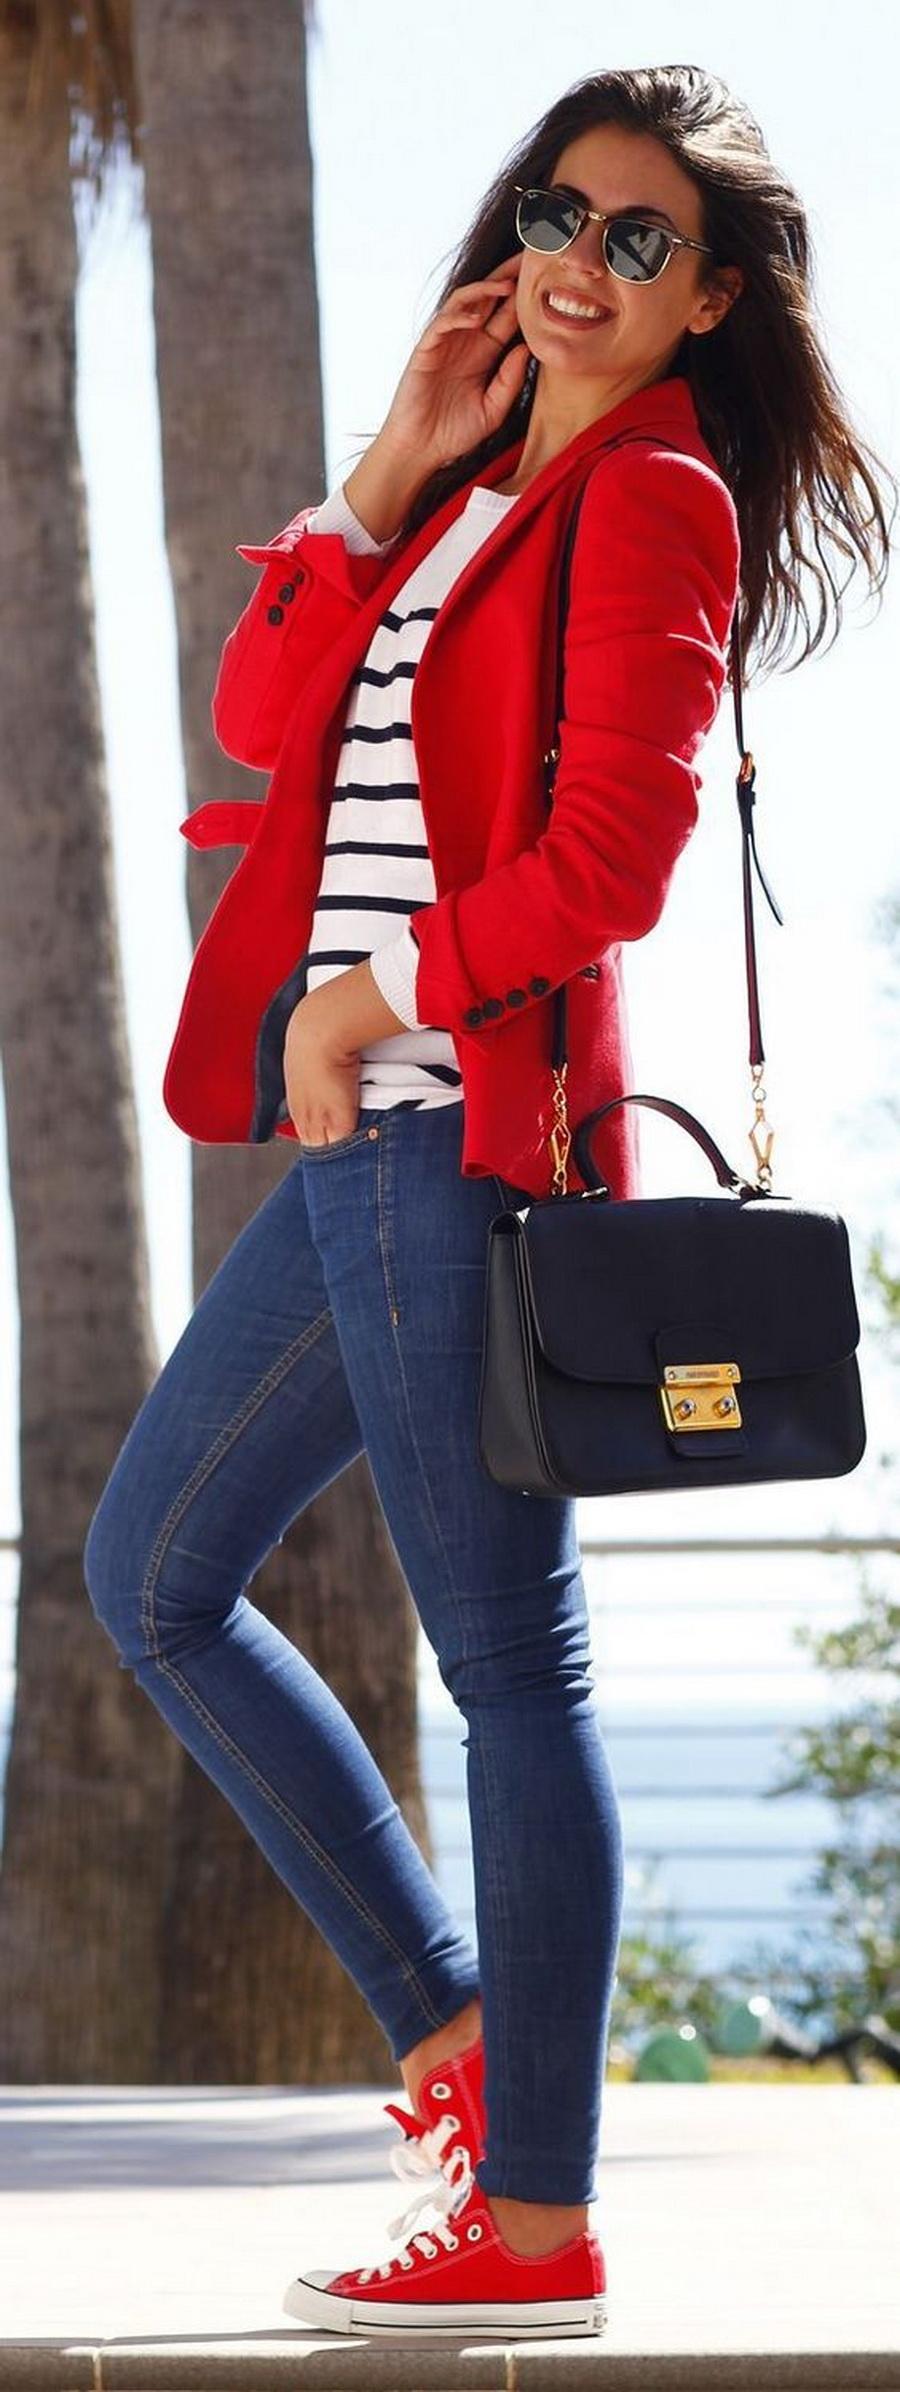 20 Ideas de outfits que podrás usar para ir al trabajo 90db9c535ad4